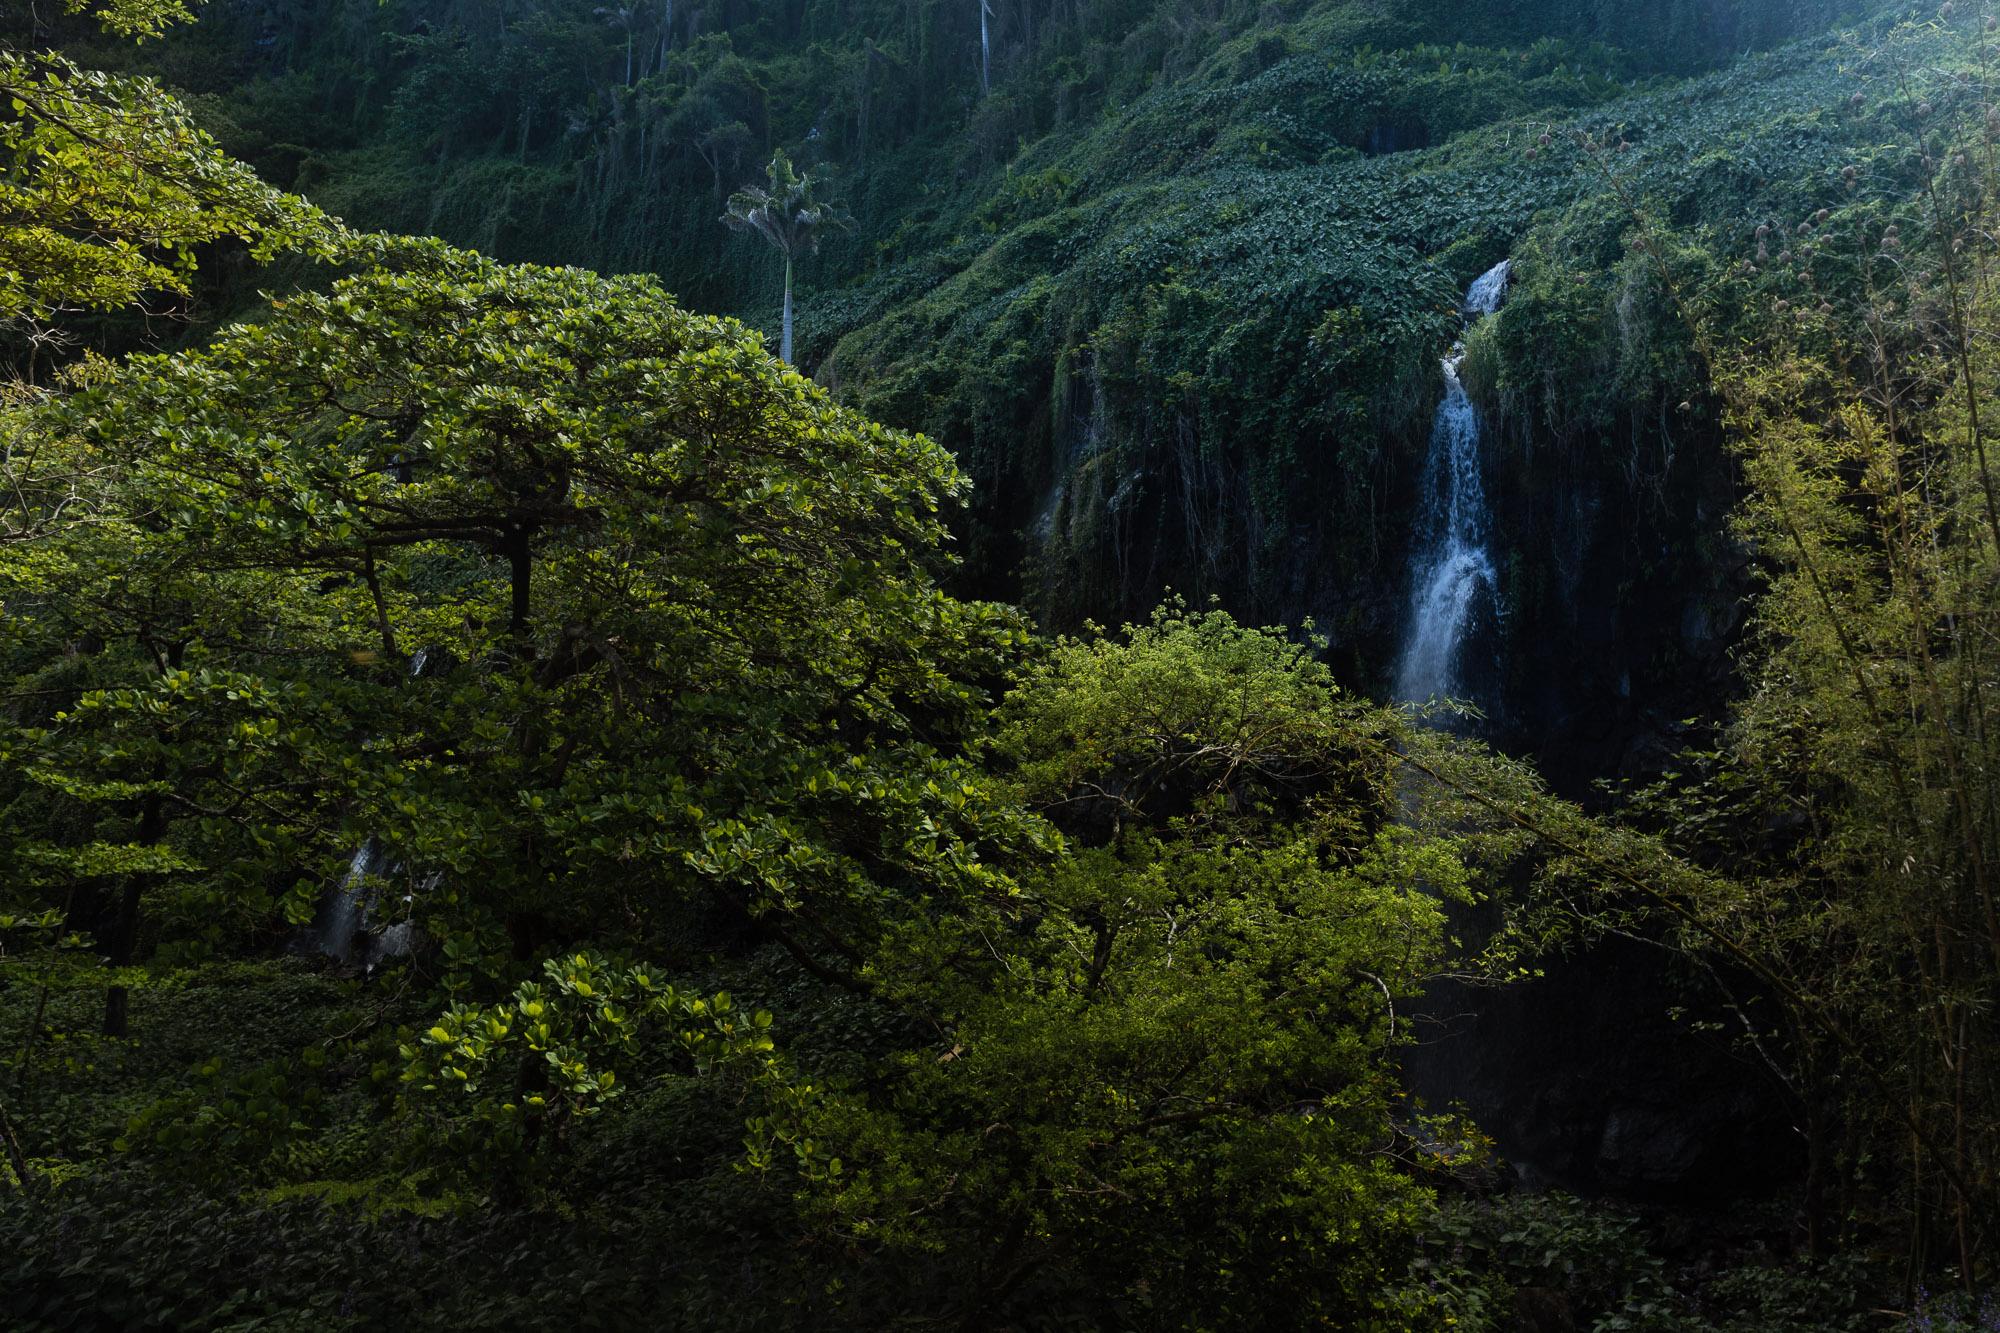 cascades dans la végétation, anse des cascades, la réunion